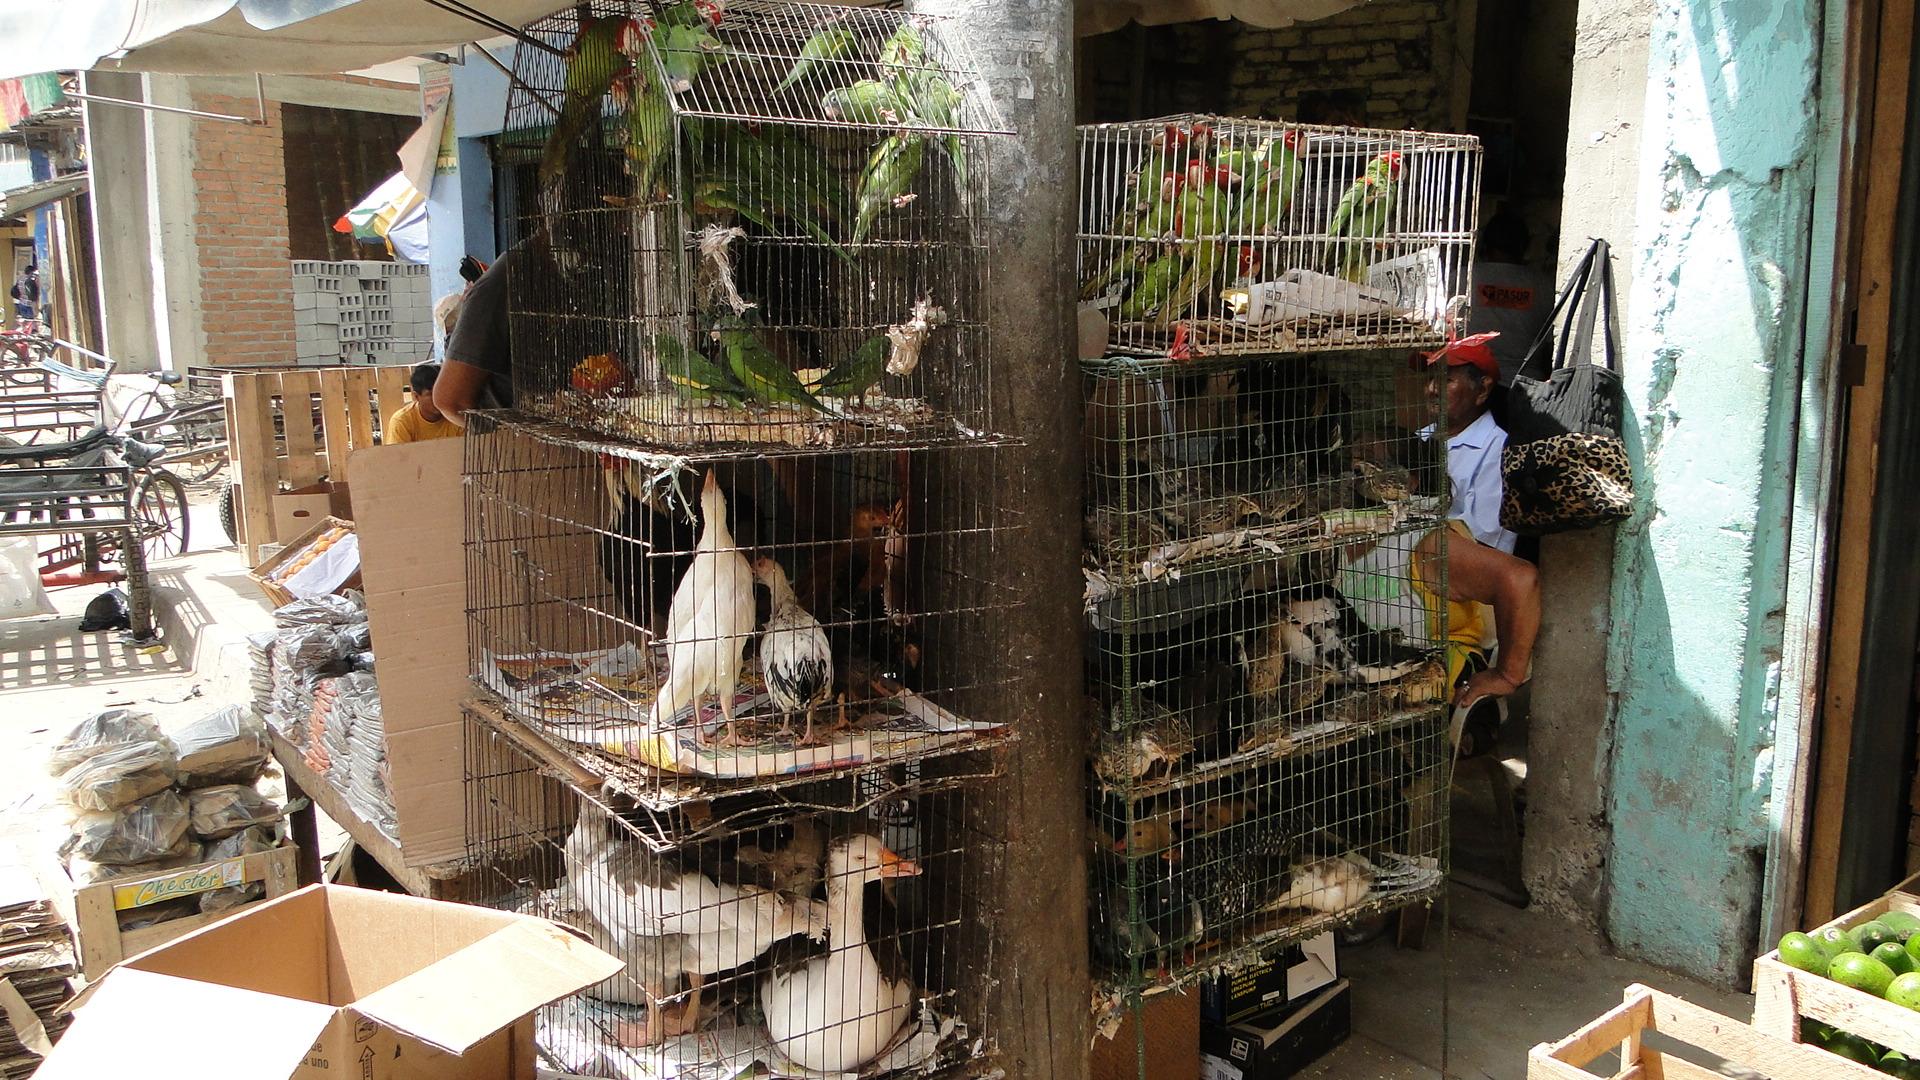 Las aves son encerradas en jaulas y comercializadas en mercados locales. Foto: WCS